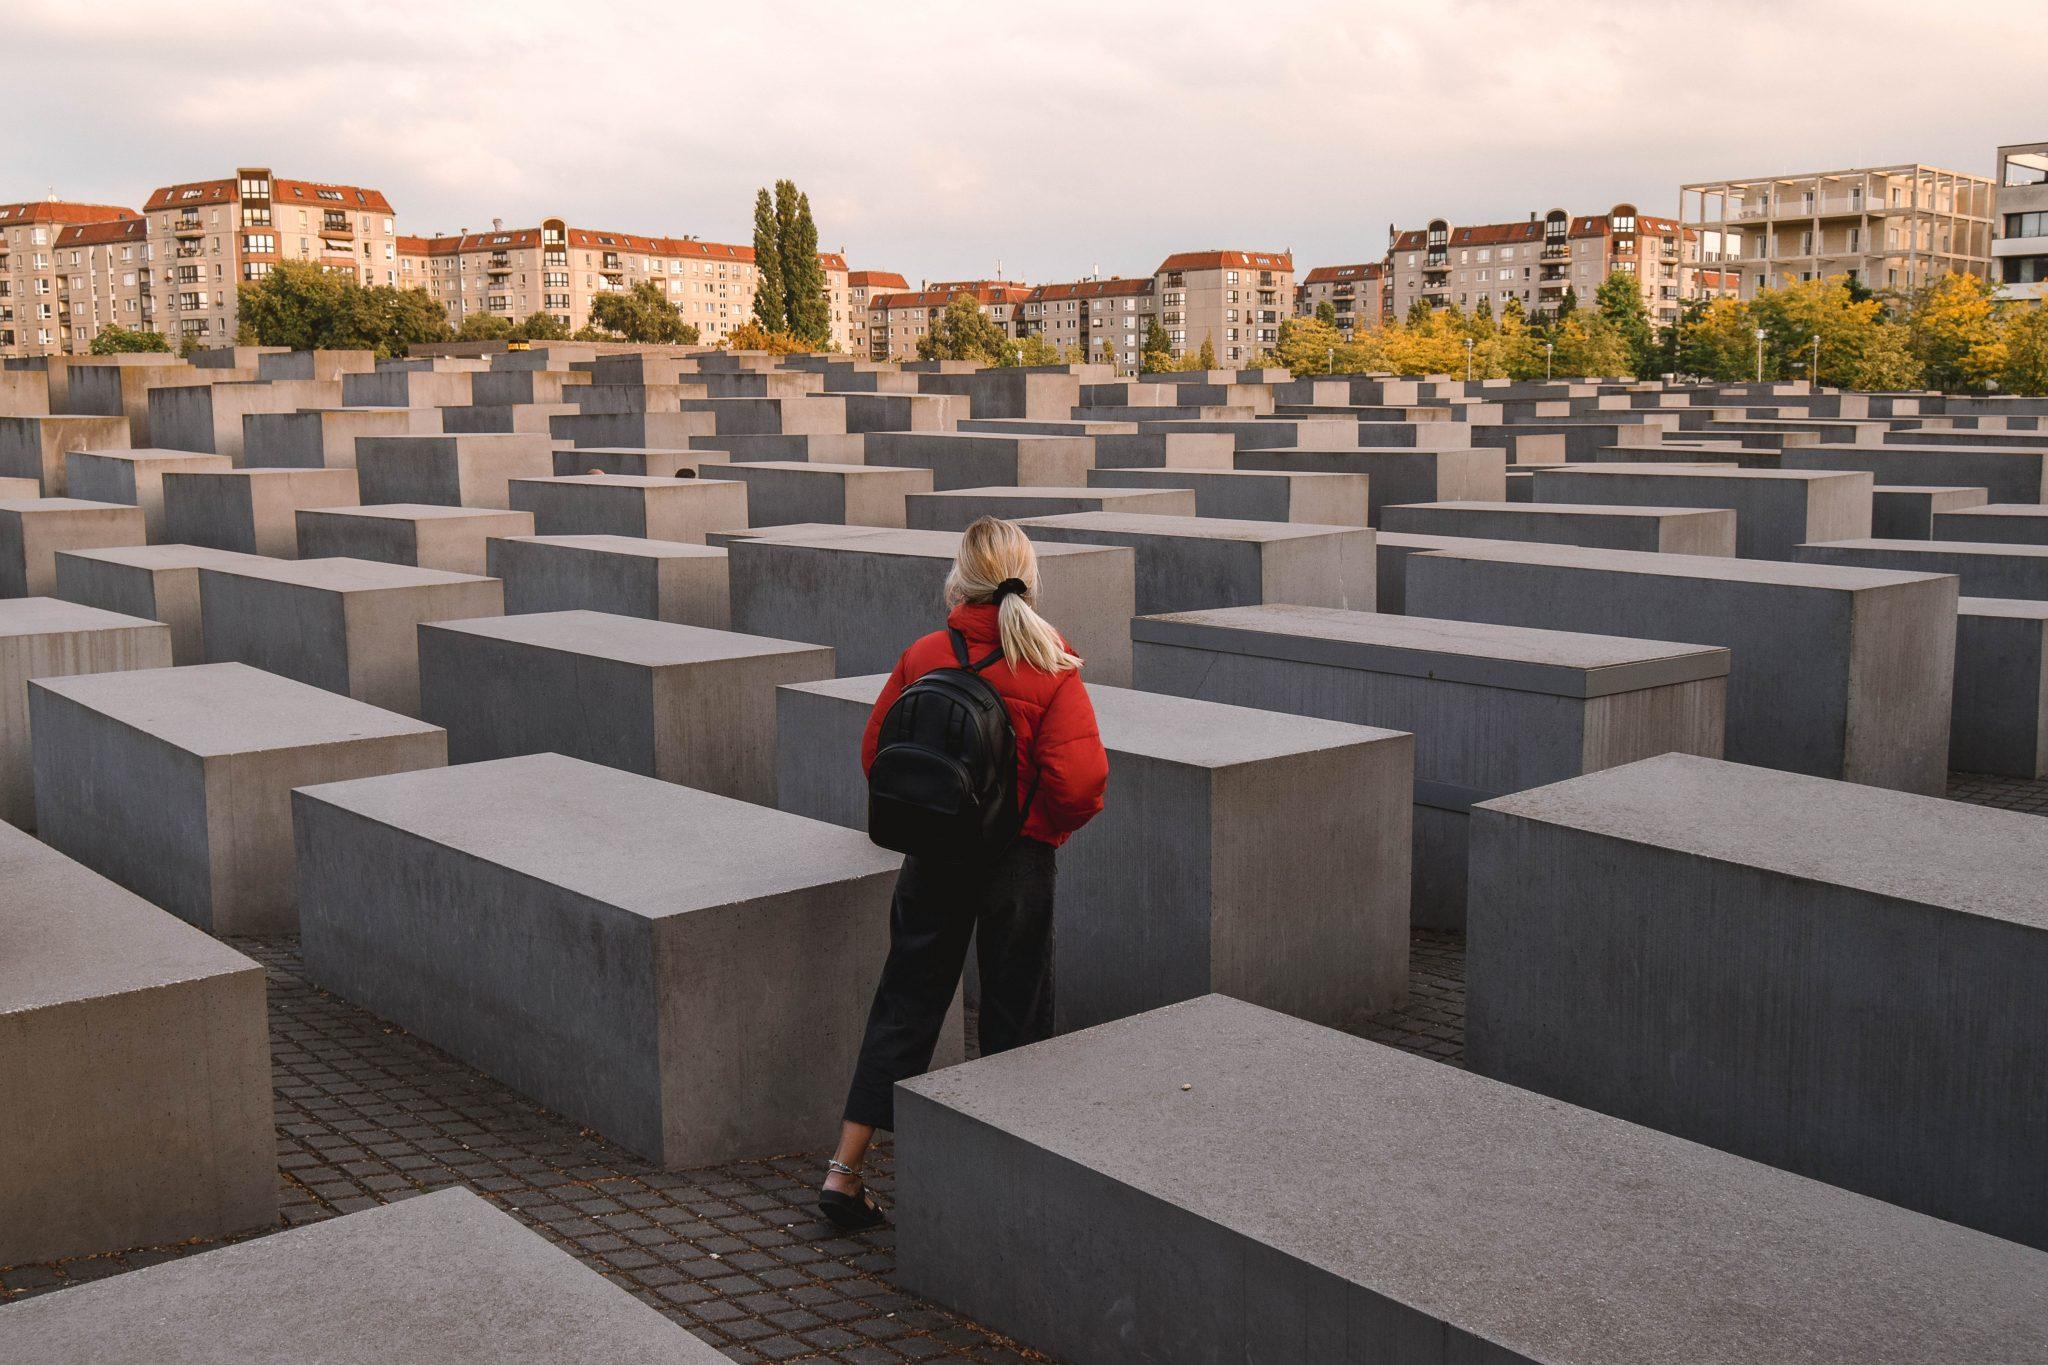 Wanderers & Warriors - Charlie & Lauren UK Travel Couple - Top Things To Do In Berlin Jewish Memorial Holocaust Memorial Berlin